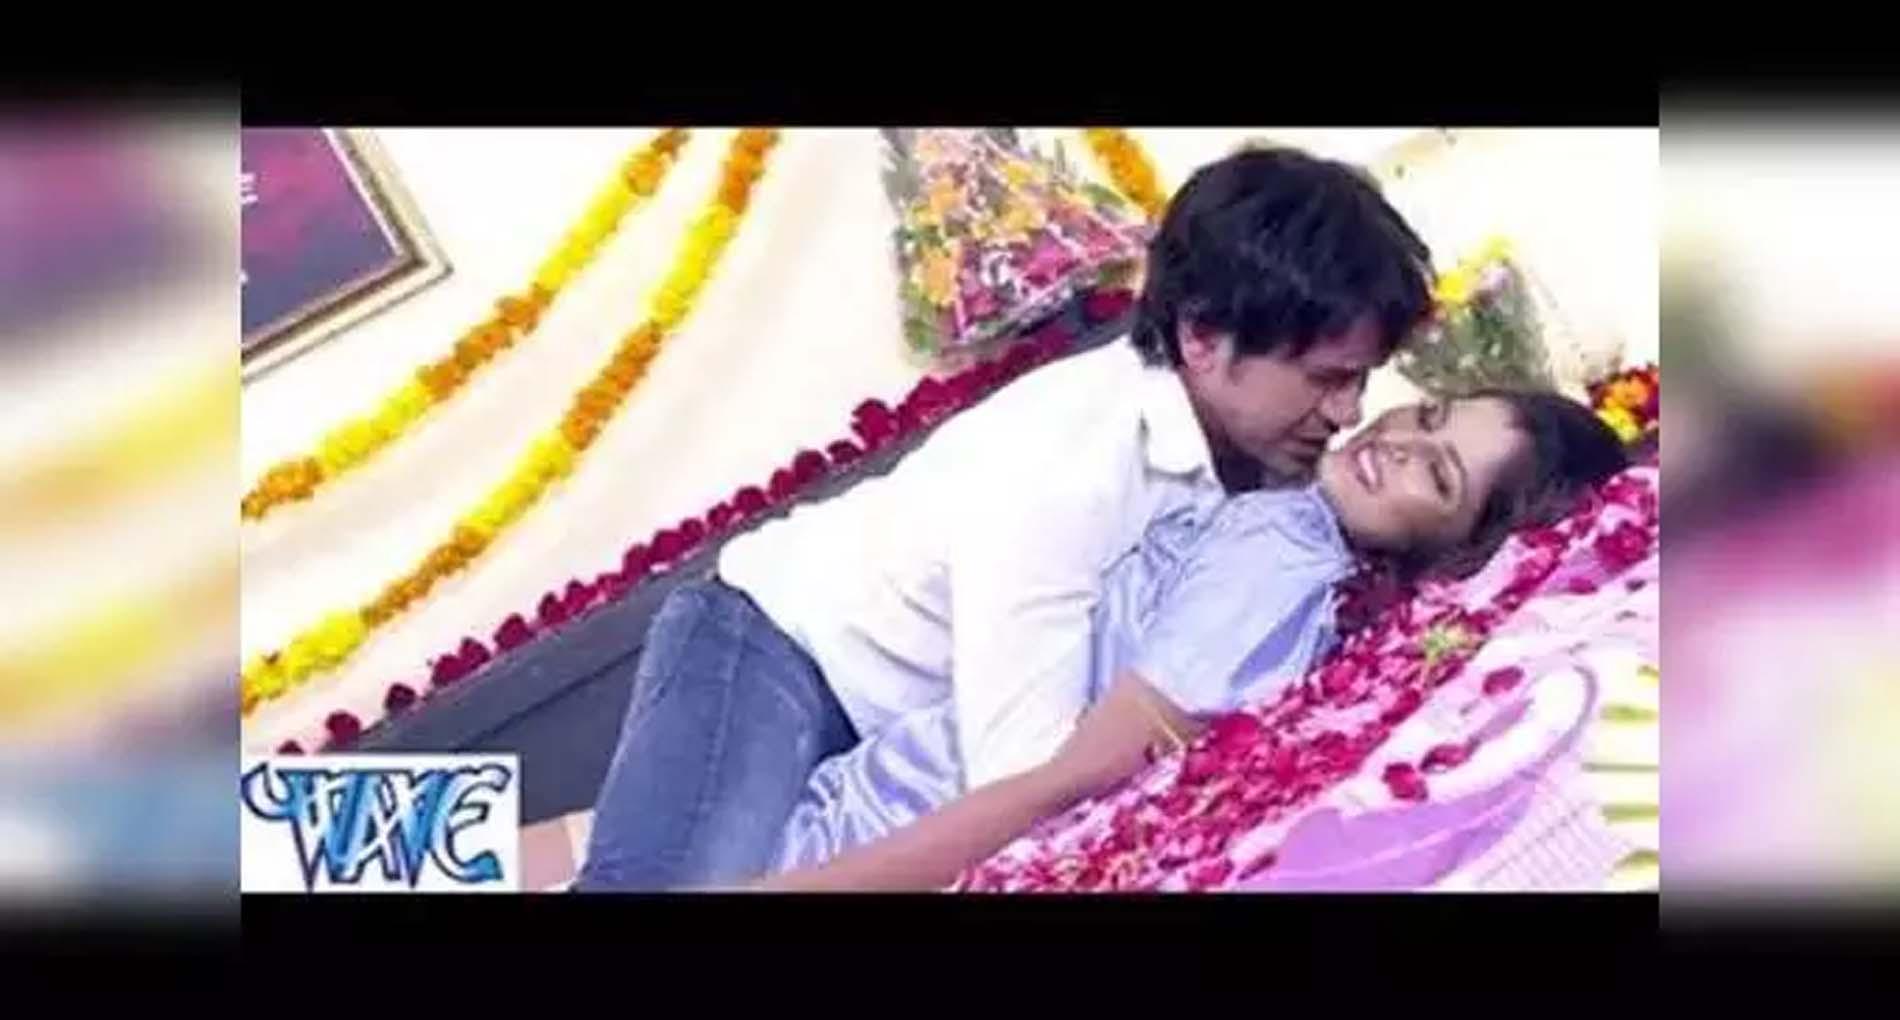 निरहुआ और अंजना सिंह का सबसे रोमांटिक वीडियो सॉन्ग!